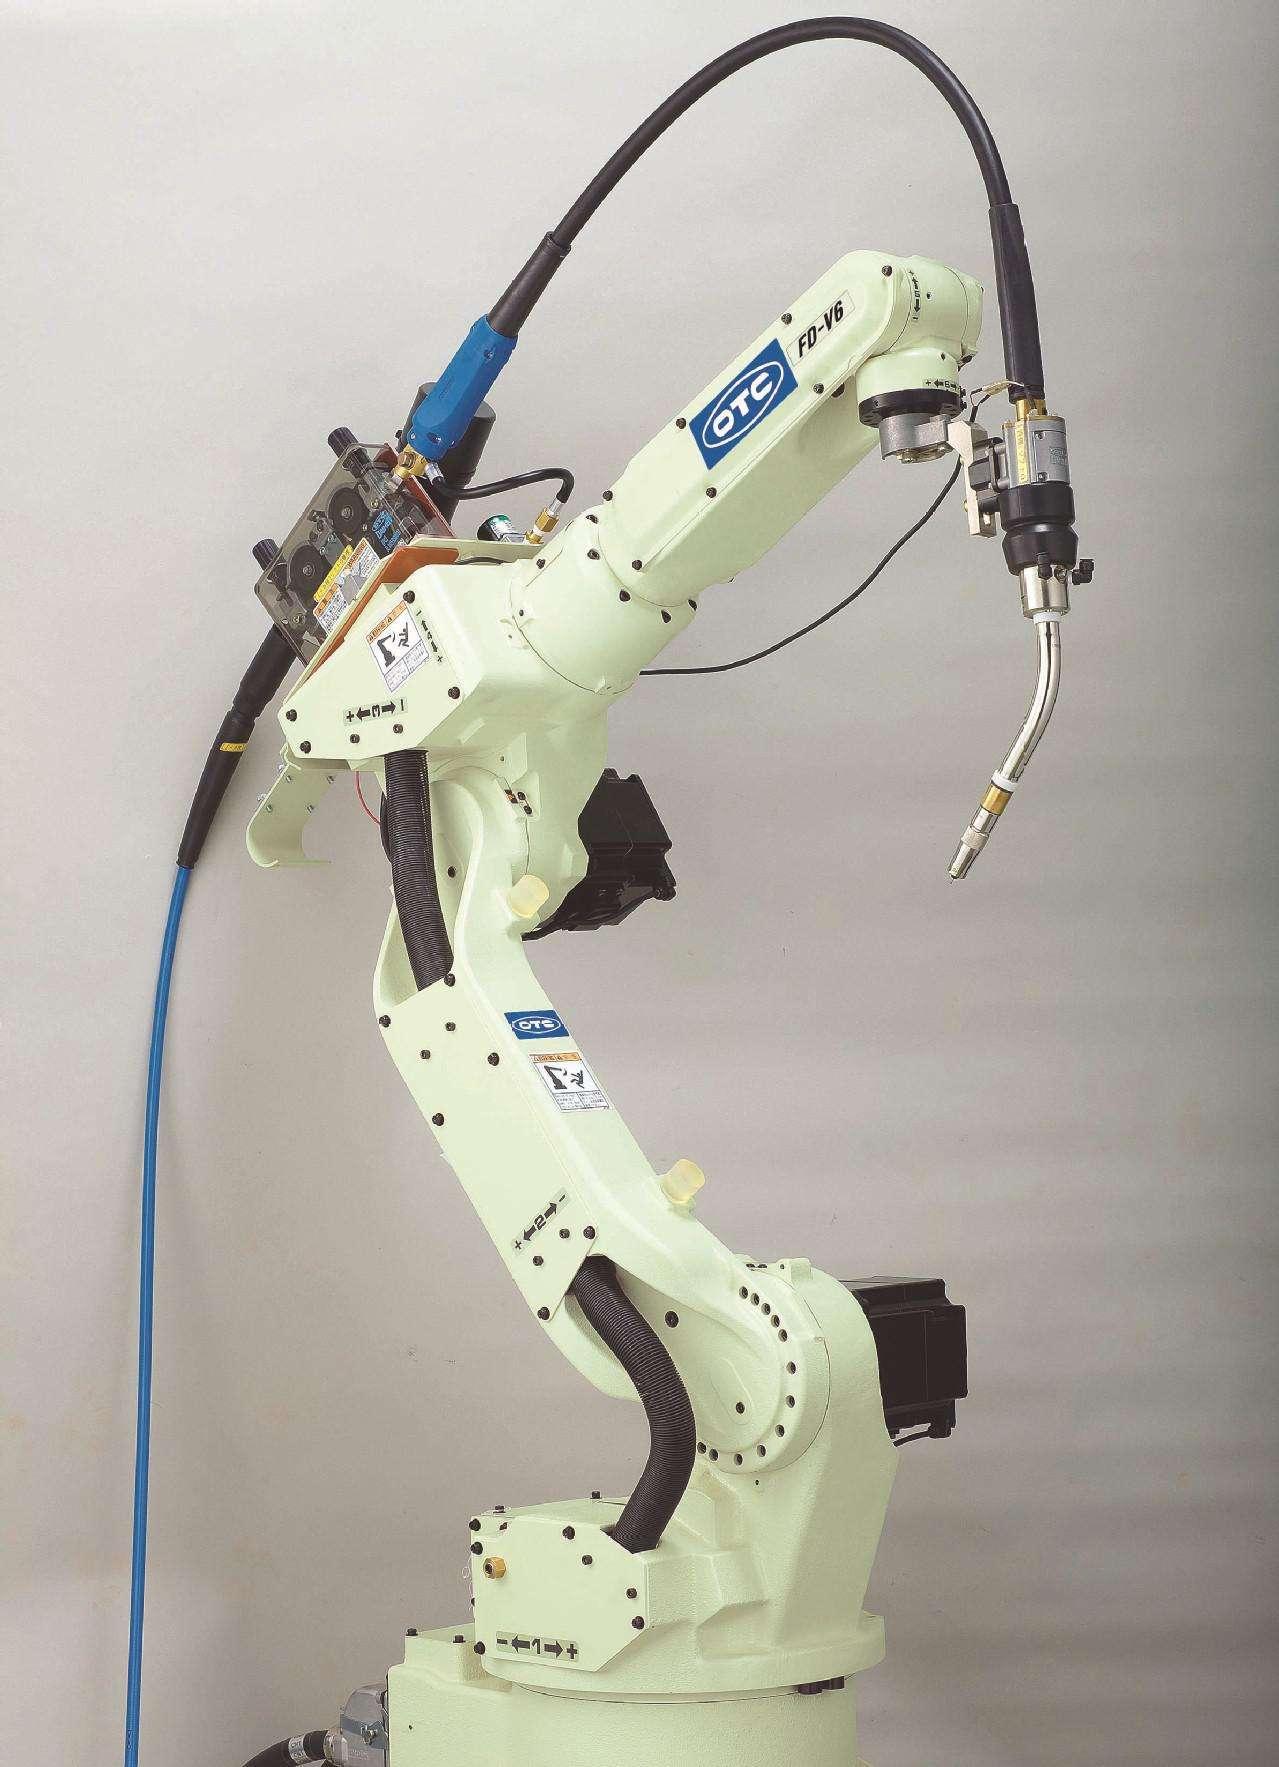 陕西otc焊接机器人焊接机器人常见故障及解决方法